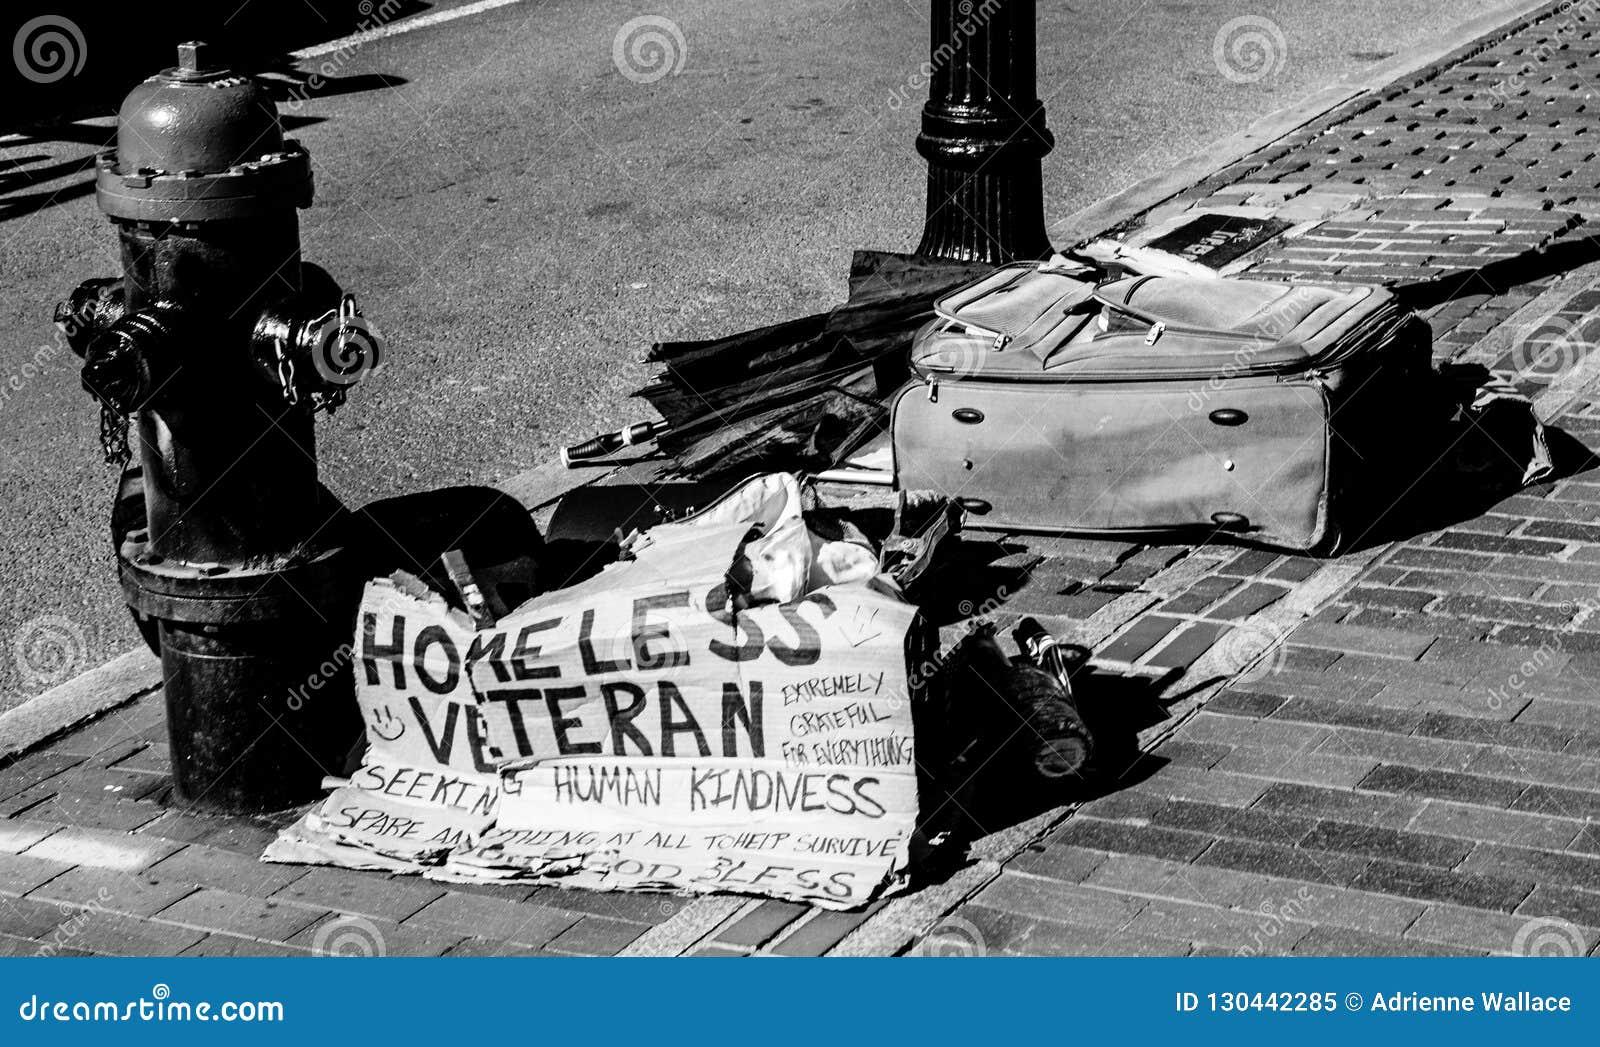 Бездомный знак и пожитки ветерана на улице города Бостон